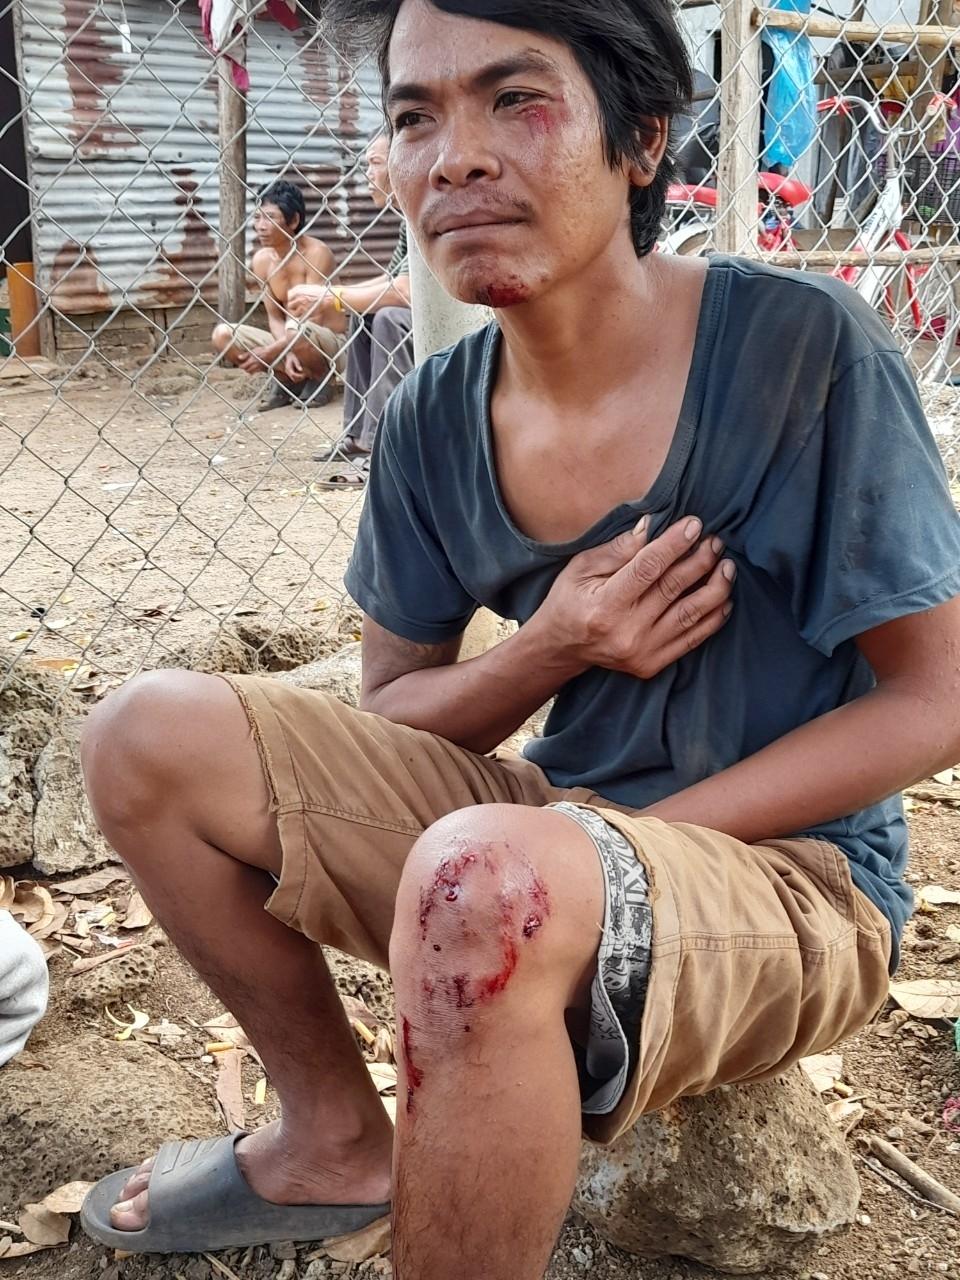 Một người dân trong ấp Thuận An bị nhóm của đối tượng Dũng hành hung, gây thương tích